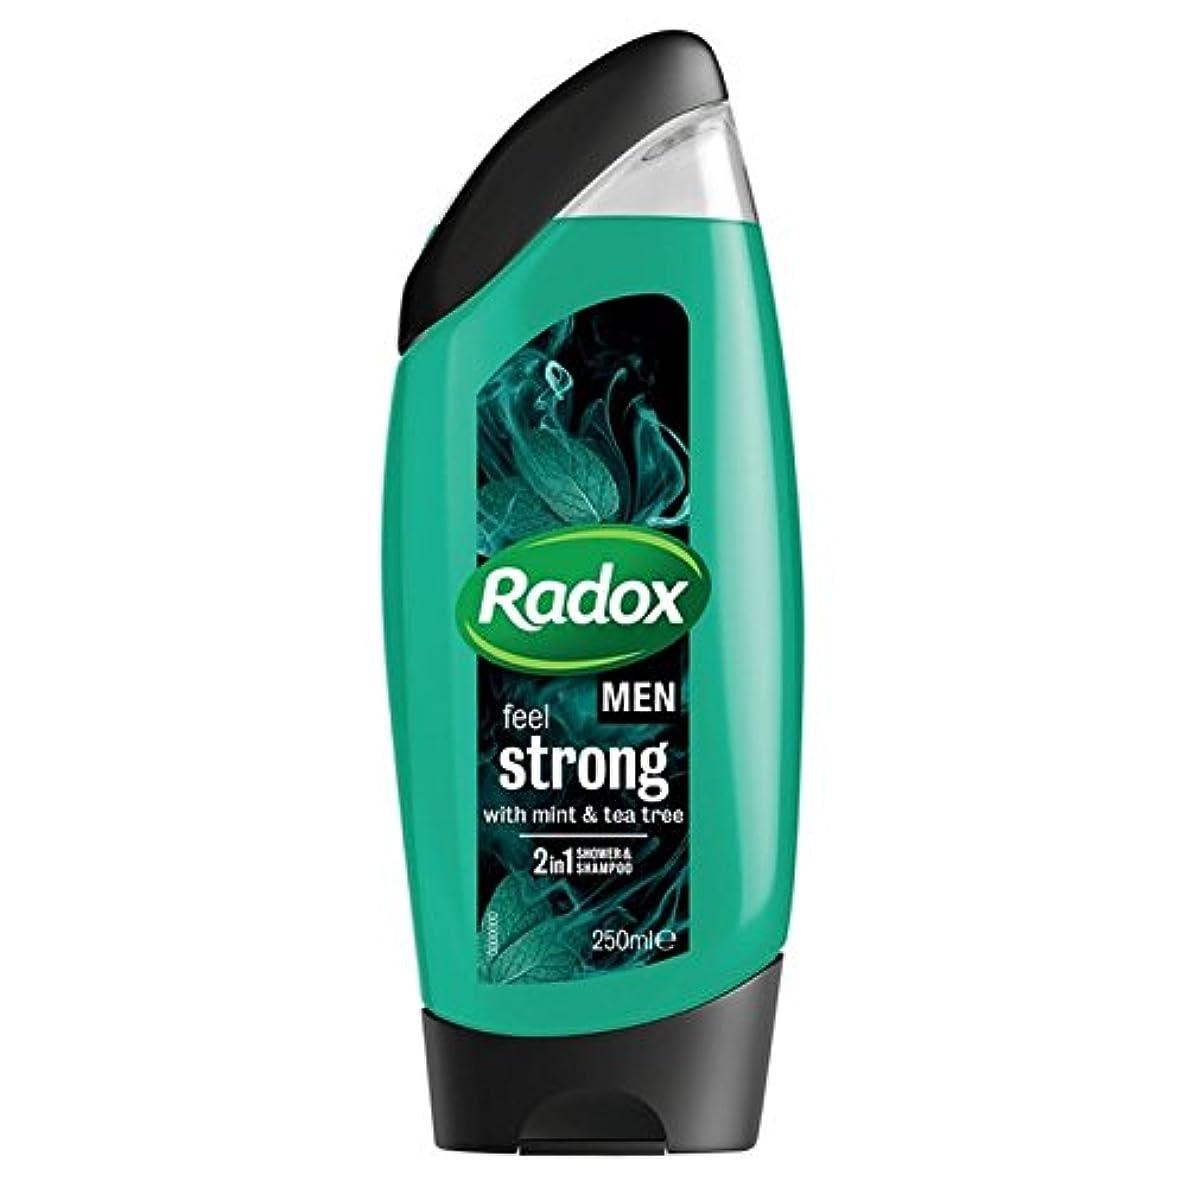 今晩佐賀信頼性のある男性は、強力なミント&ティーツリーの21のシャワージェル250ミリリットルを感じます x4 - Radox Men Feel Strong Mint & Tea Tree 2in1 Shower Gel 250ml (Pack...